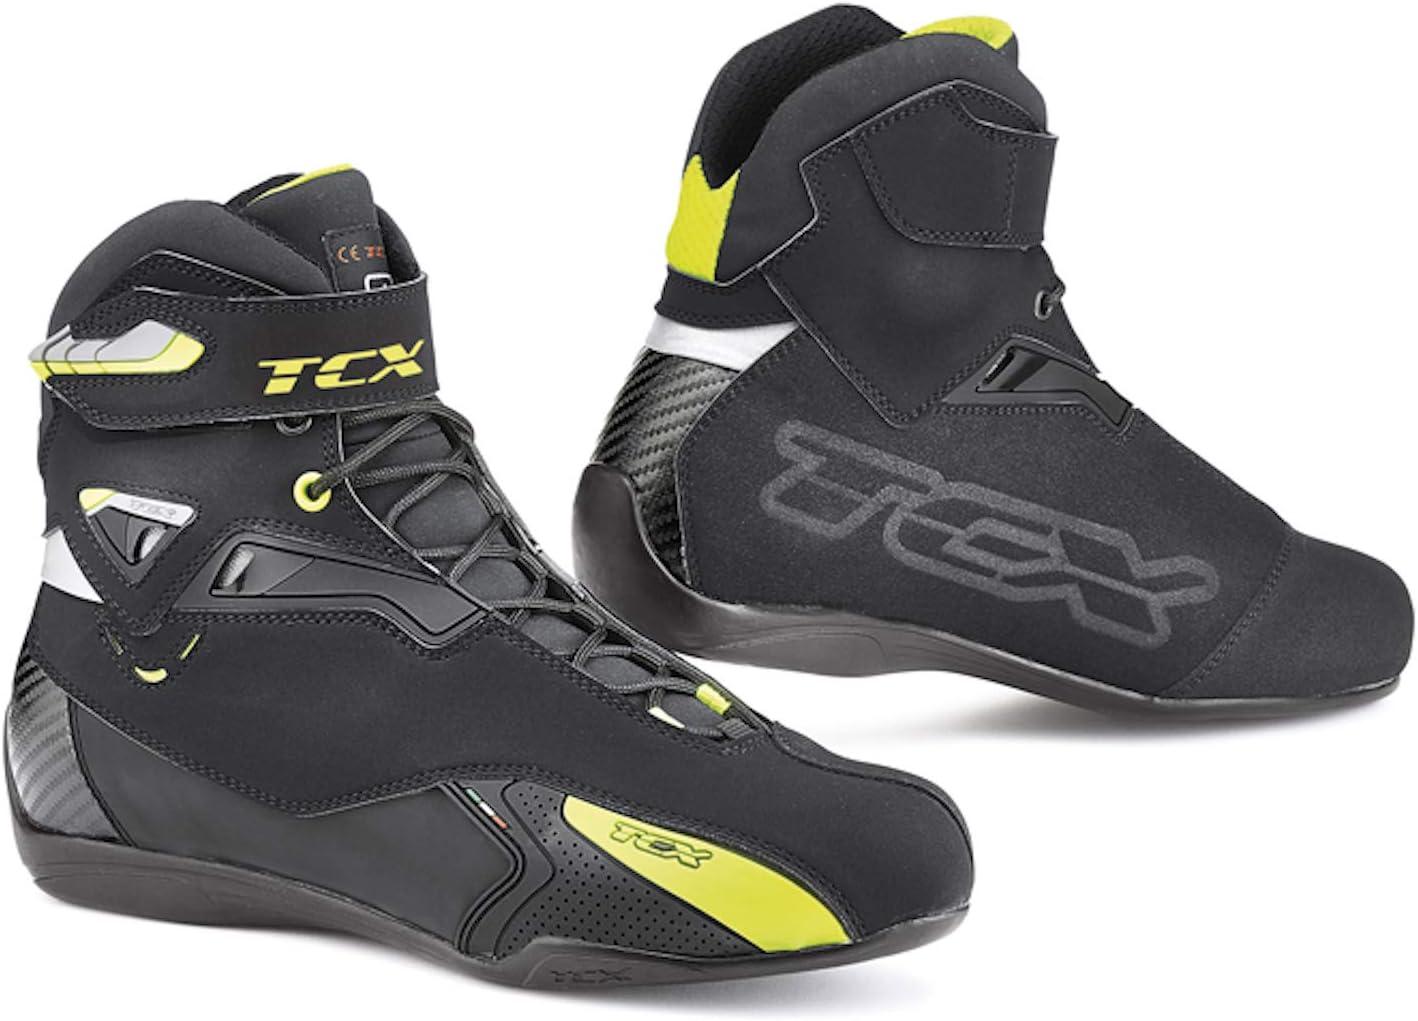 TCX Scarpe Stivali Moto 9505W Rush Waterproof Nero Giallo Fluo tg 41//8